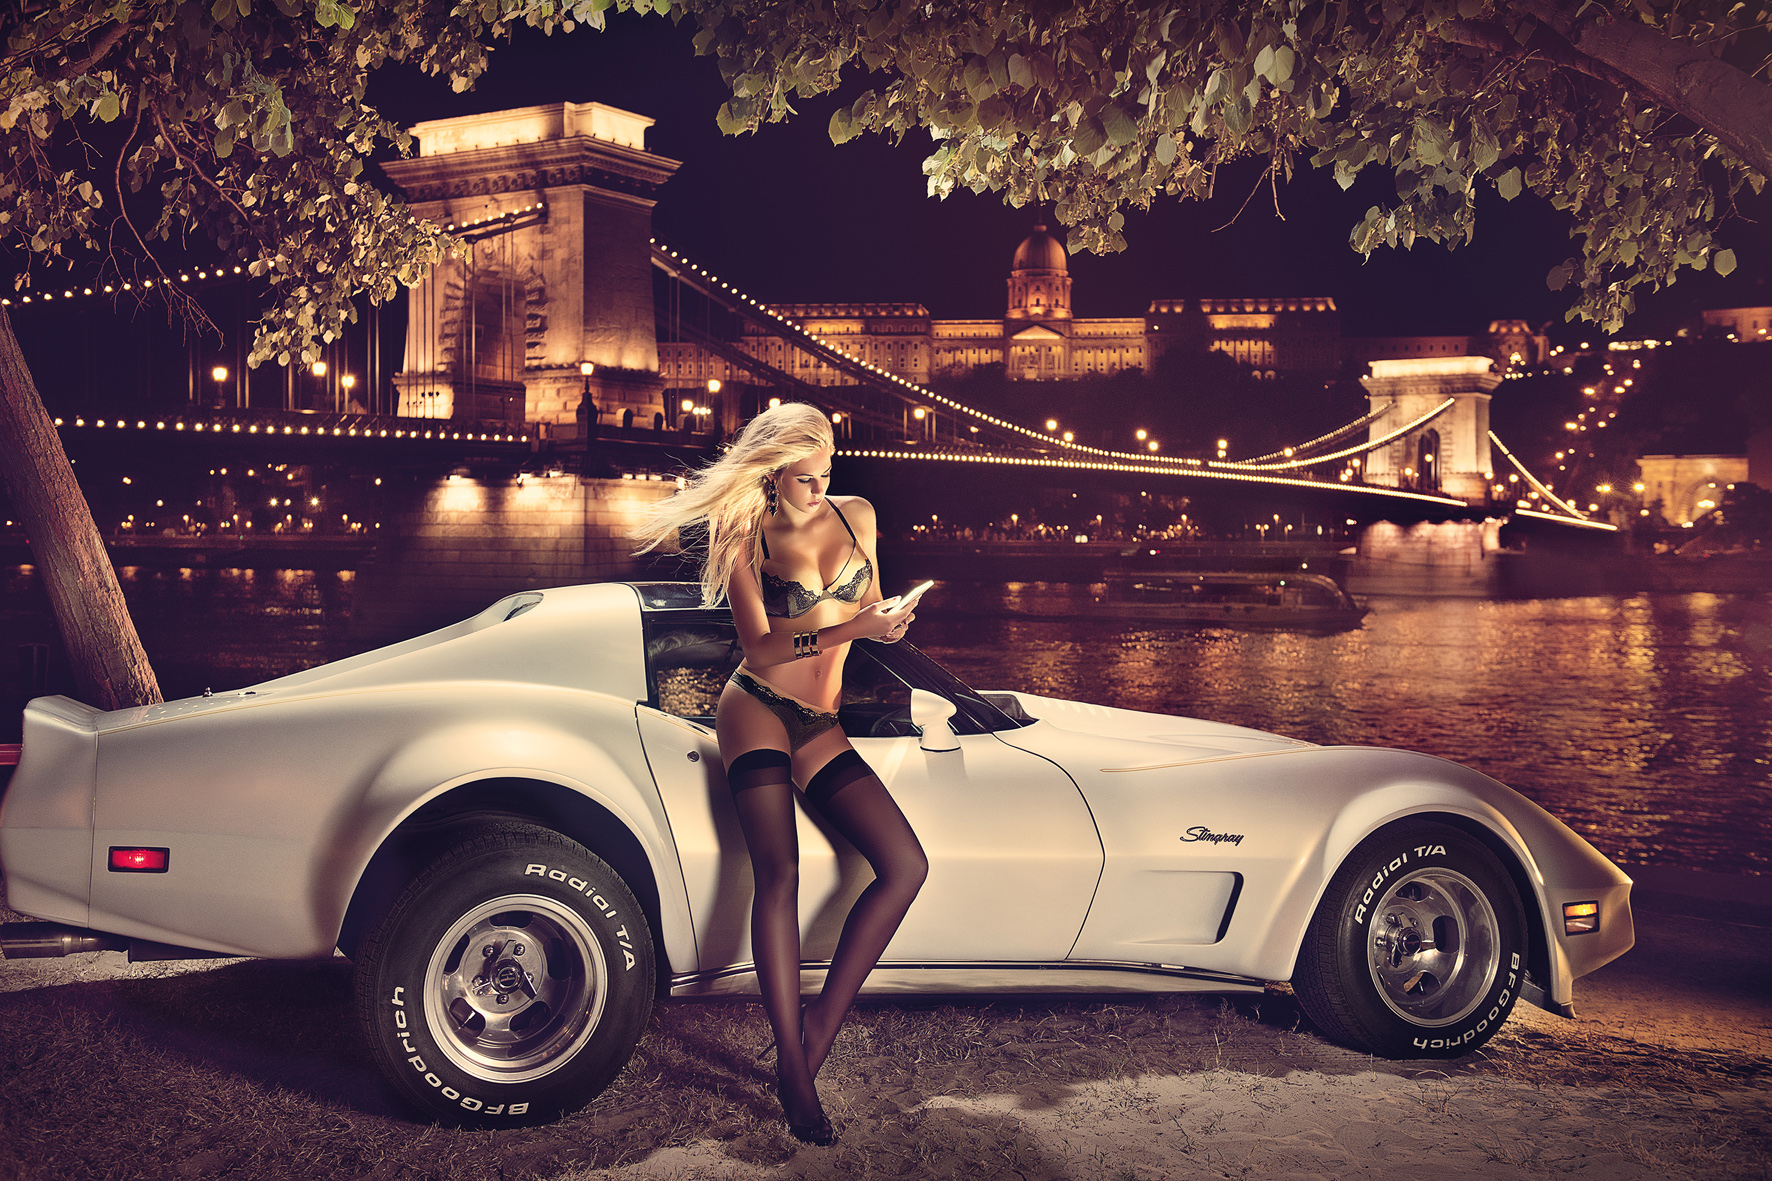 Frauen lassen ihr Auto bei schlechten Straßenverhältnis auch gerne mal stehen.